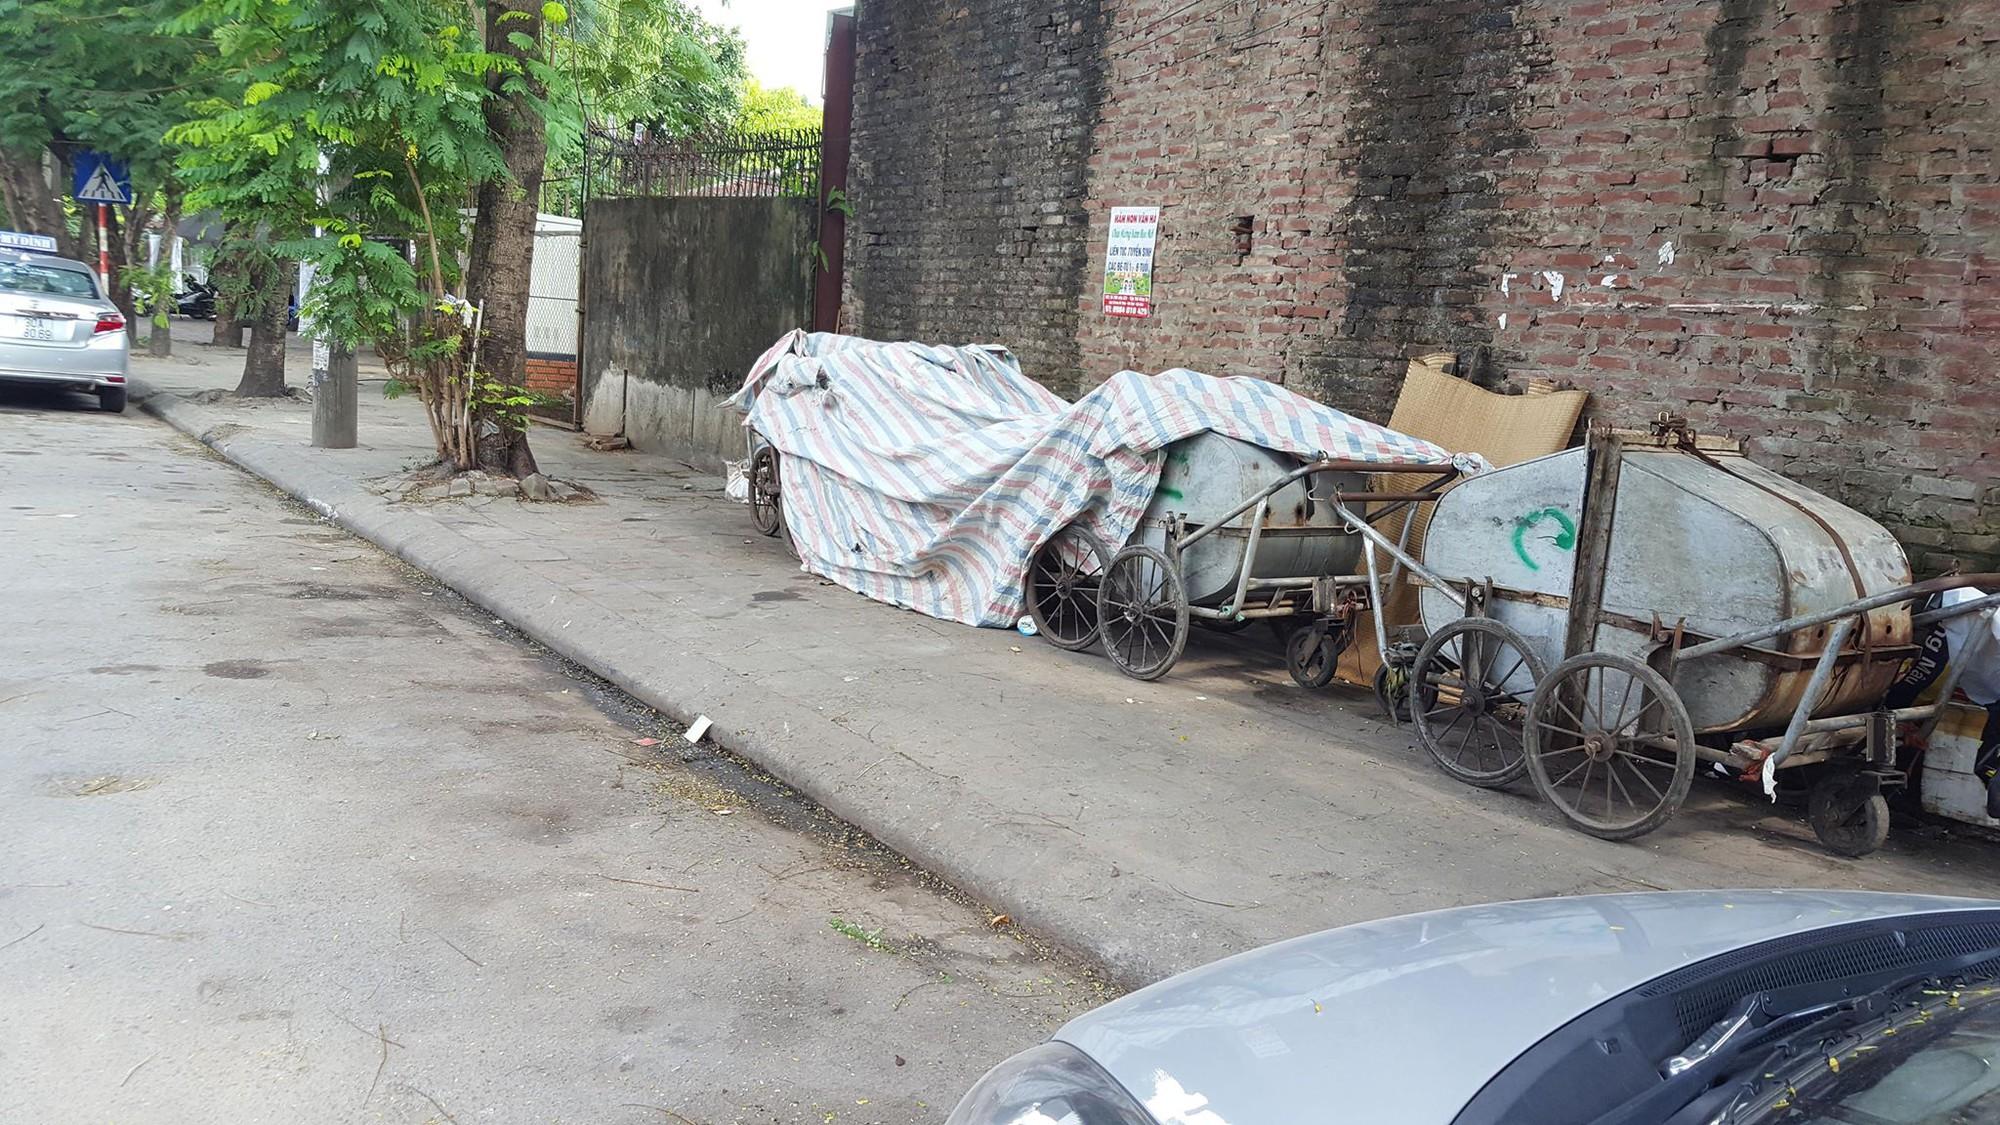 Hà Nội: Bé trai kháu khỉnh bị người thân bỏ quên trên thùng rác giữa phố - Ảnh 2.